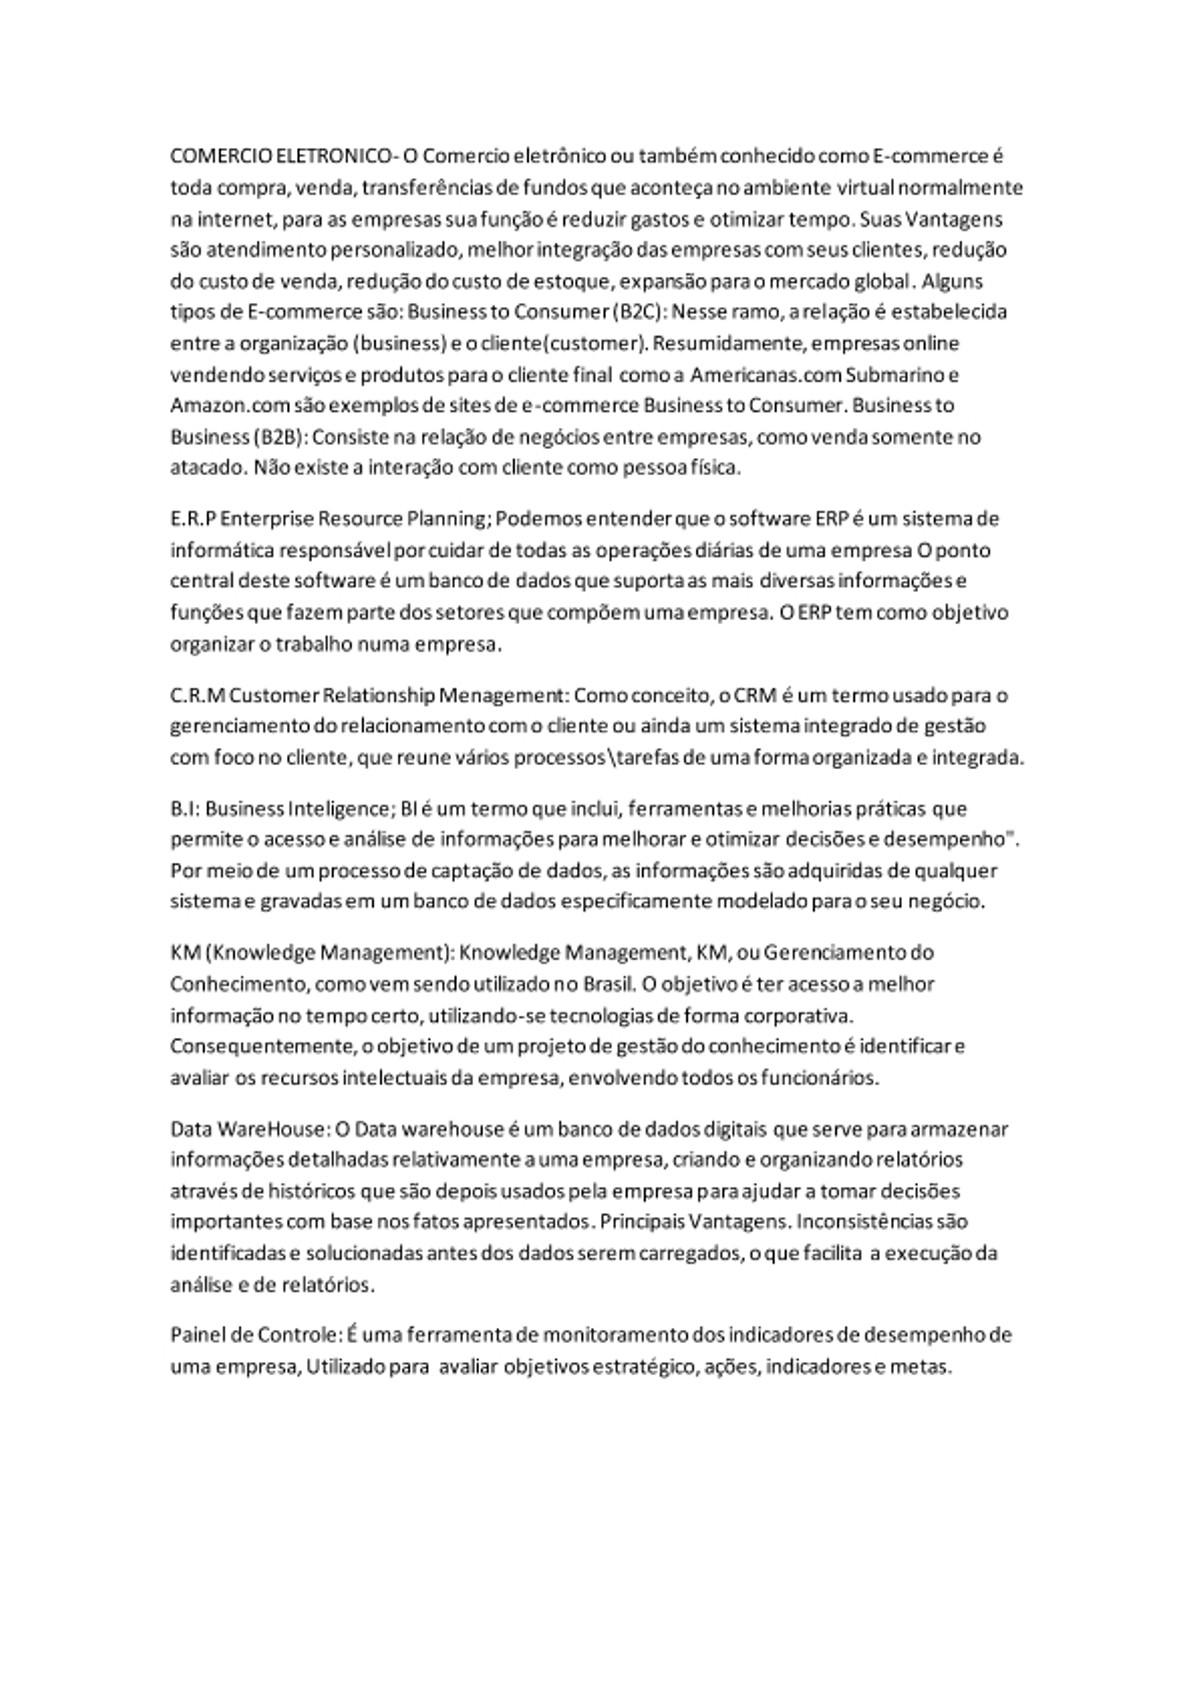 Pre-visualização do material COMERCIO ELETRONICO - página 1